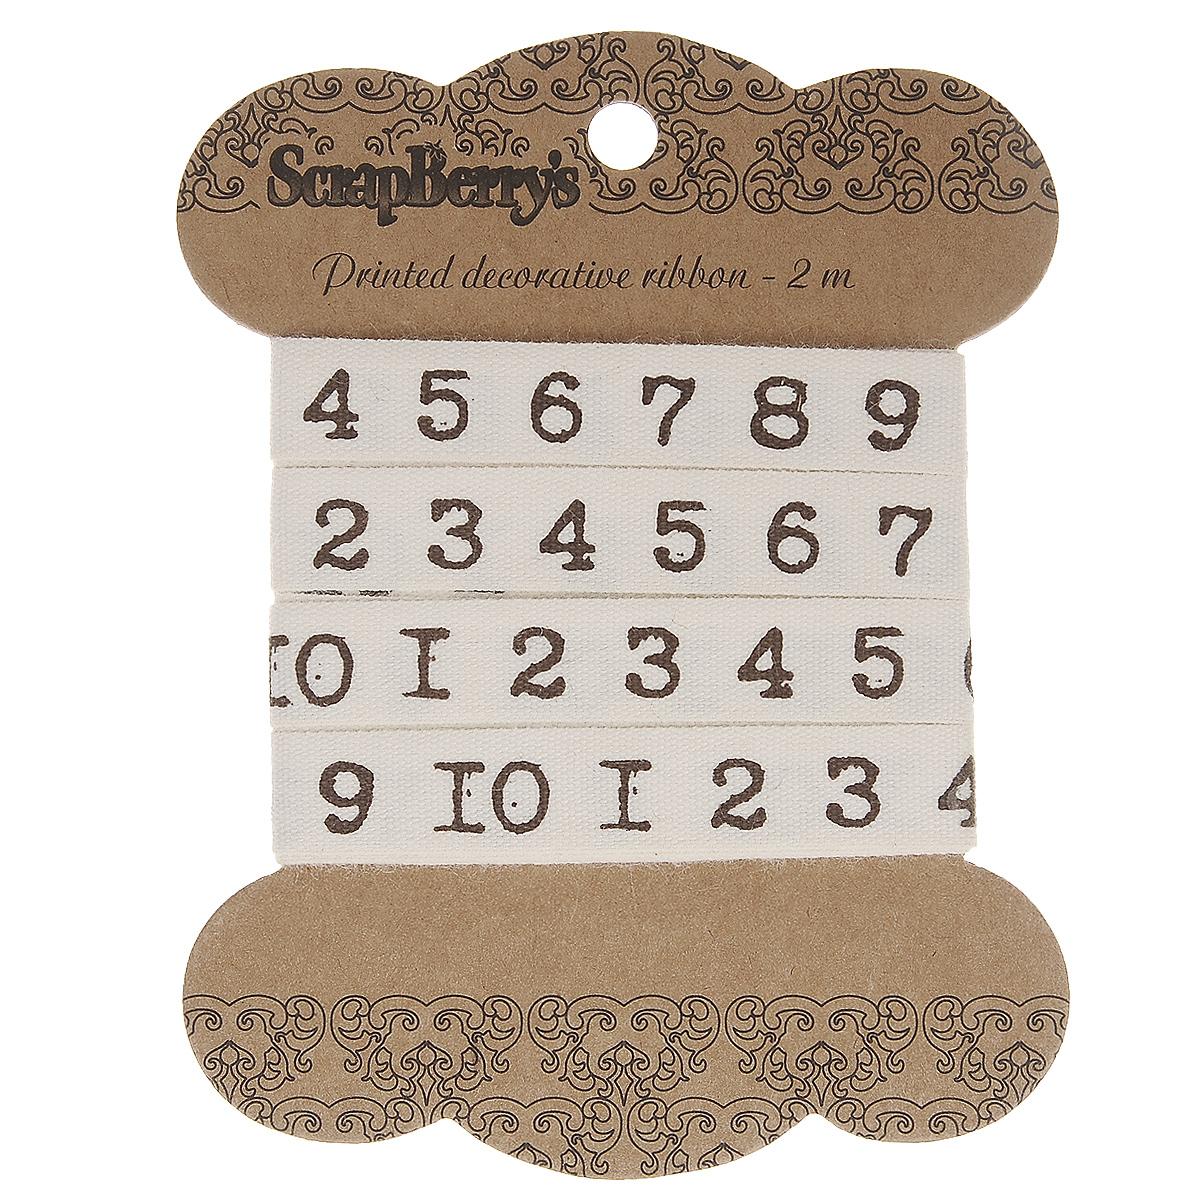 Лента декоративная ScrapBerrys Цифры печатная машинка, 1 х 200 смSS 4041Декоративная лента ScrapBerrys Цифры печатная машинка изготовлена из хлопка и оформлена изображением цифр. Такая лента идеально подойдет для оформления различных творческих работ таких, как скрапбукинг, аппликация, декор коробок и открыток и многое другое. Лента наивысшего качества практична в использовании. Она станет незаменимым элементом в создании рукотворного шедевра. Ширина: 1 см.Длина: 2 м.